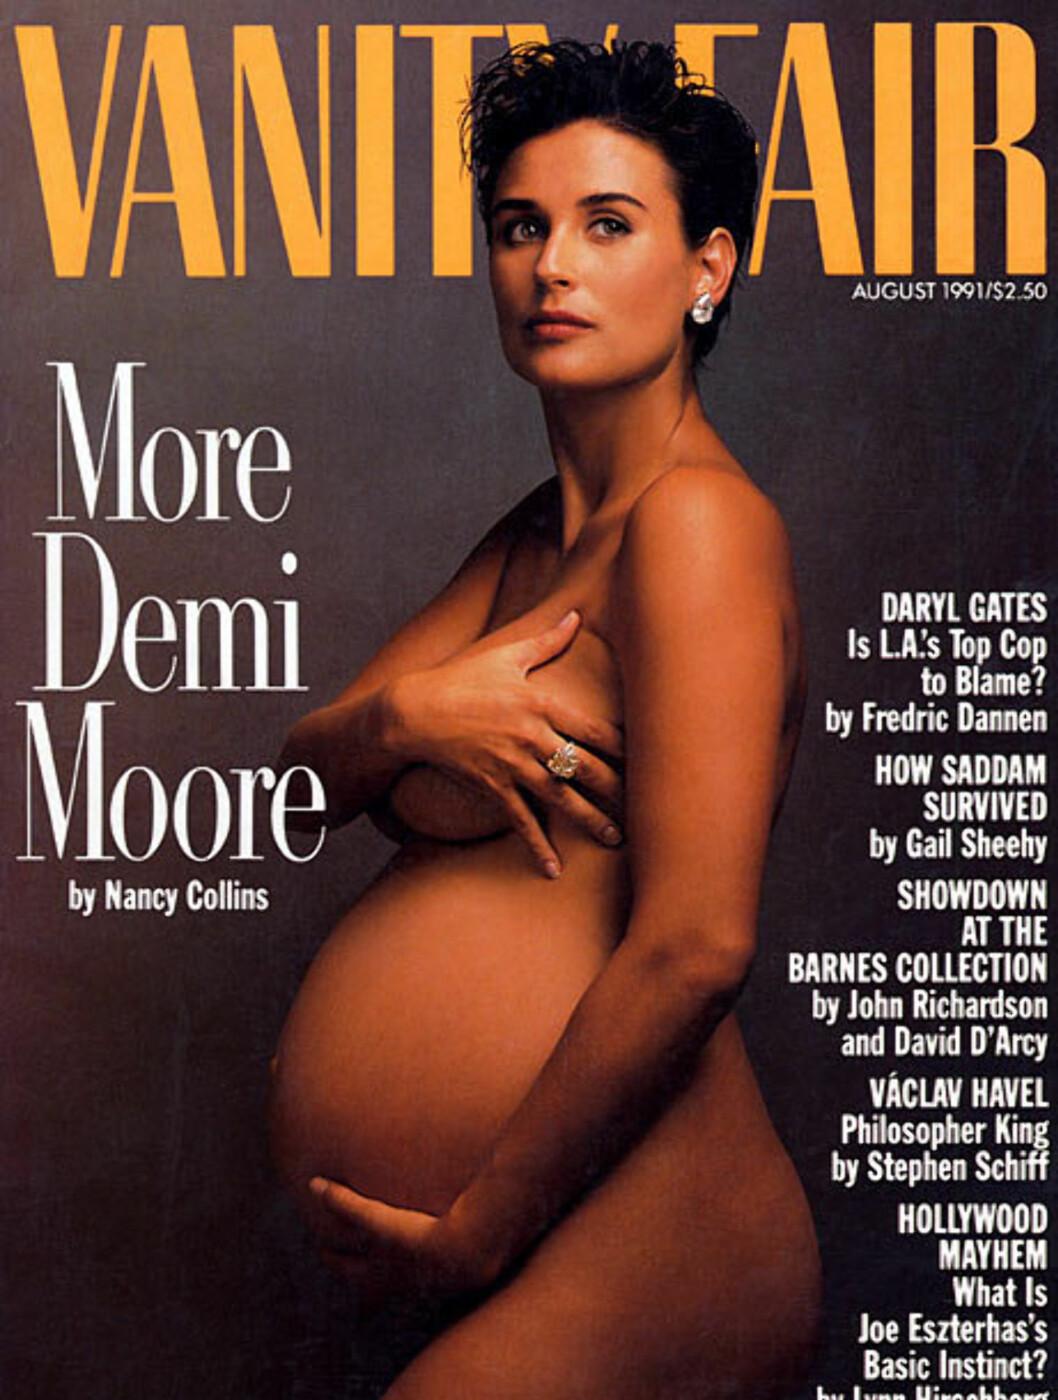 DEN FØRSTE: Det ikoniske bildet av Demi Moore fra 1991 har blitt kopiert igjen og igjen av andre kjendiskvinner.  Foto: Faksimile Vanity Fair